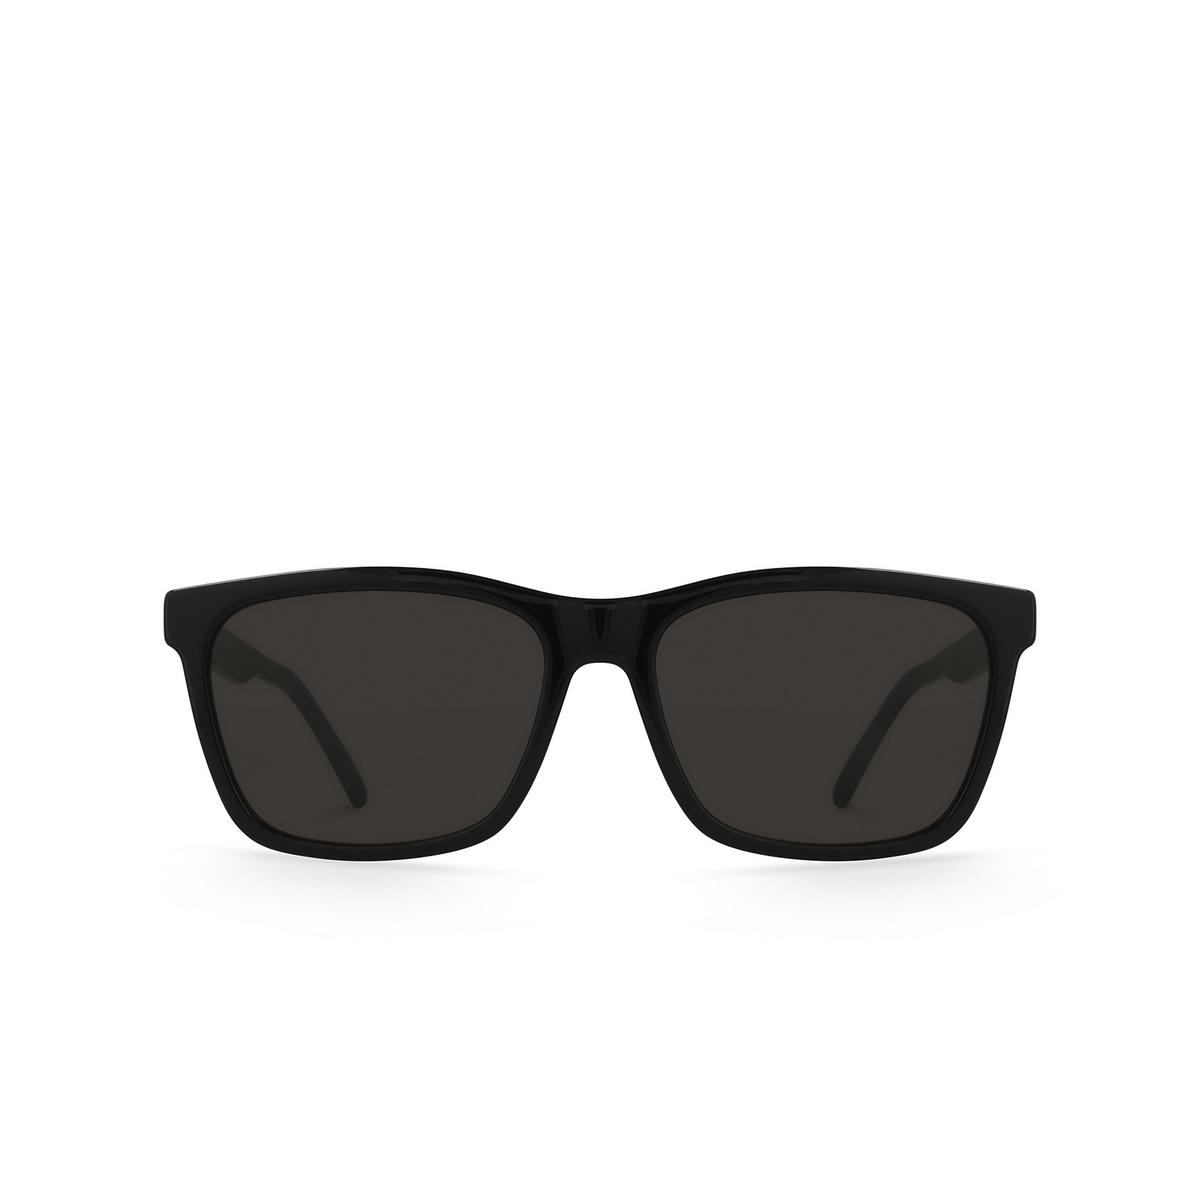 Saint Laurent® Square Sunglasses: SL 318 color Black 001 - 1/3.